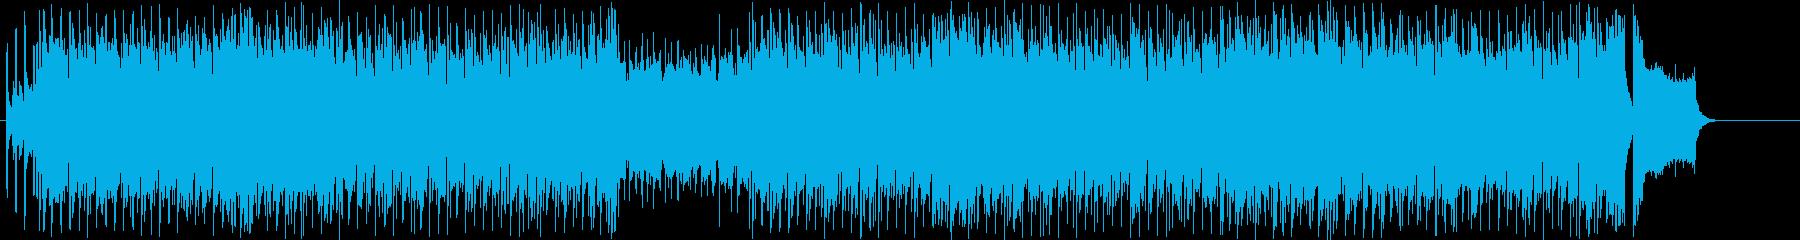 楽観的で奔放なデジタルポップスの再生済みの波形